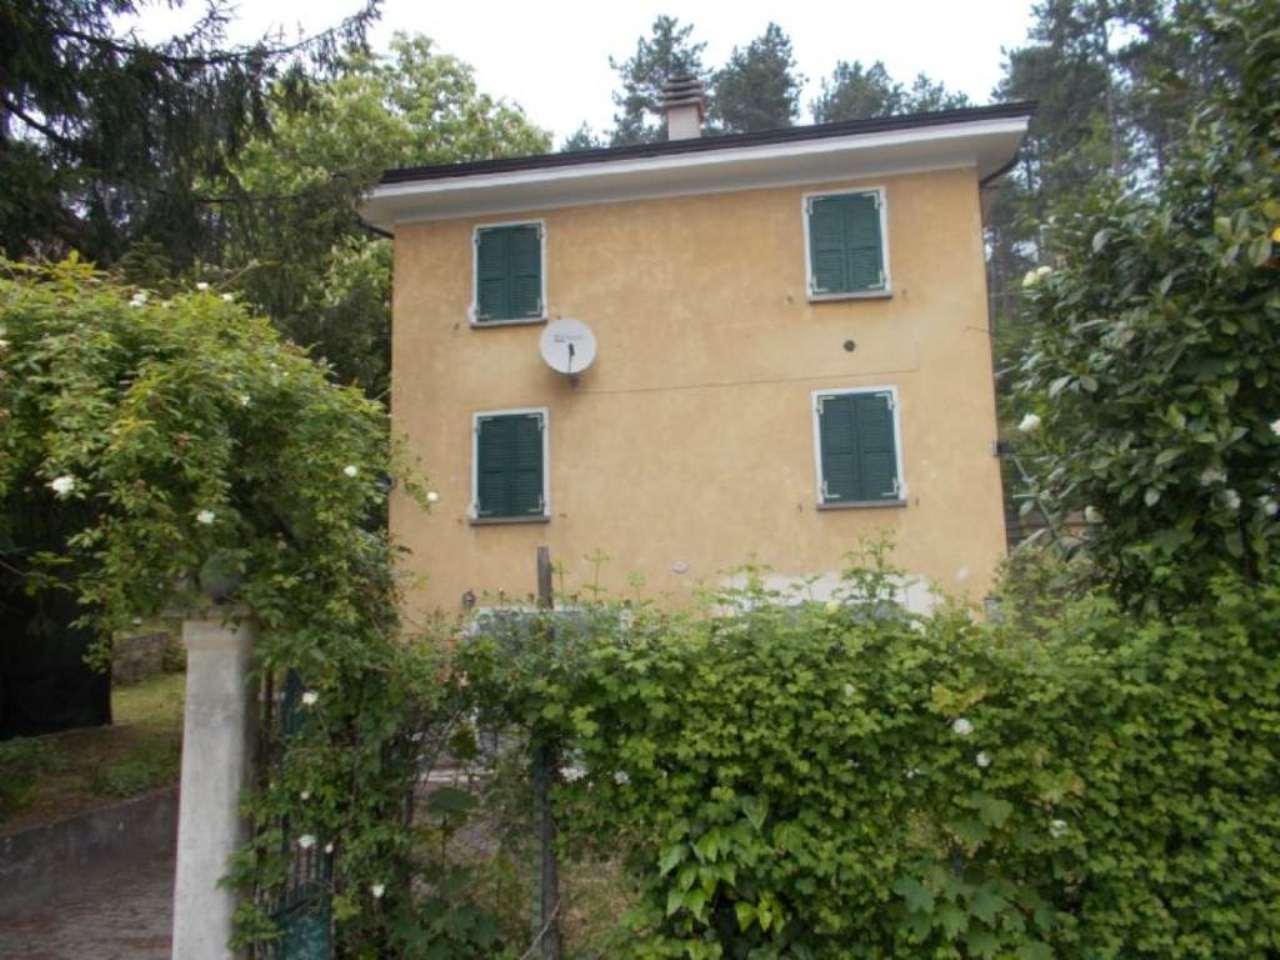 Soluzione Indipendente in vendita a Casina, 6 locali, prezzo € 130.000 | CambioCasa.it